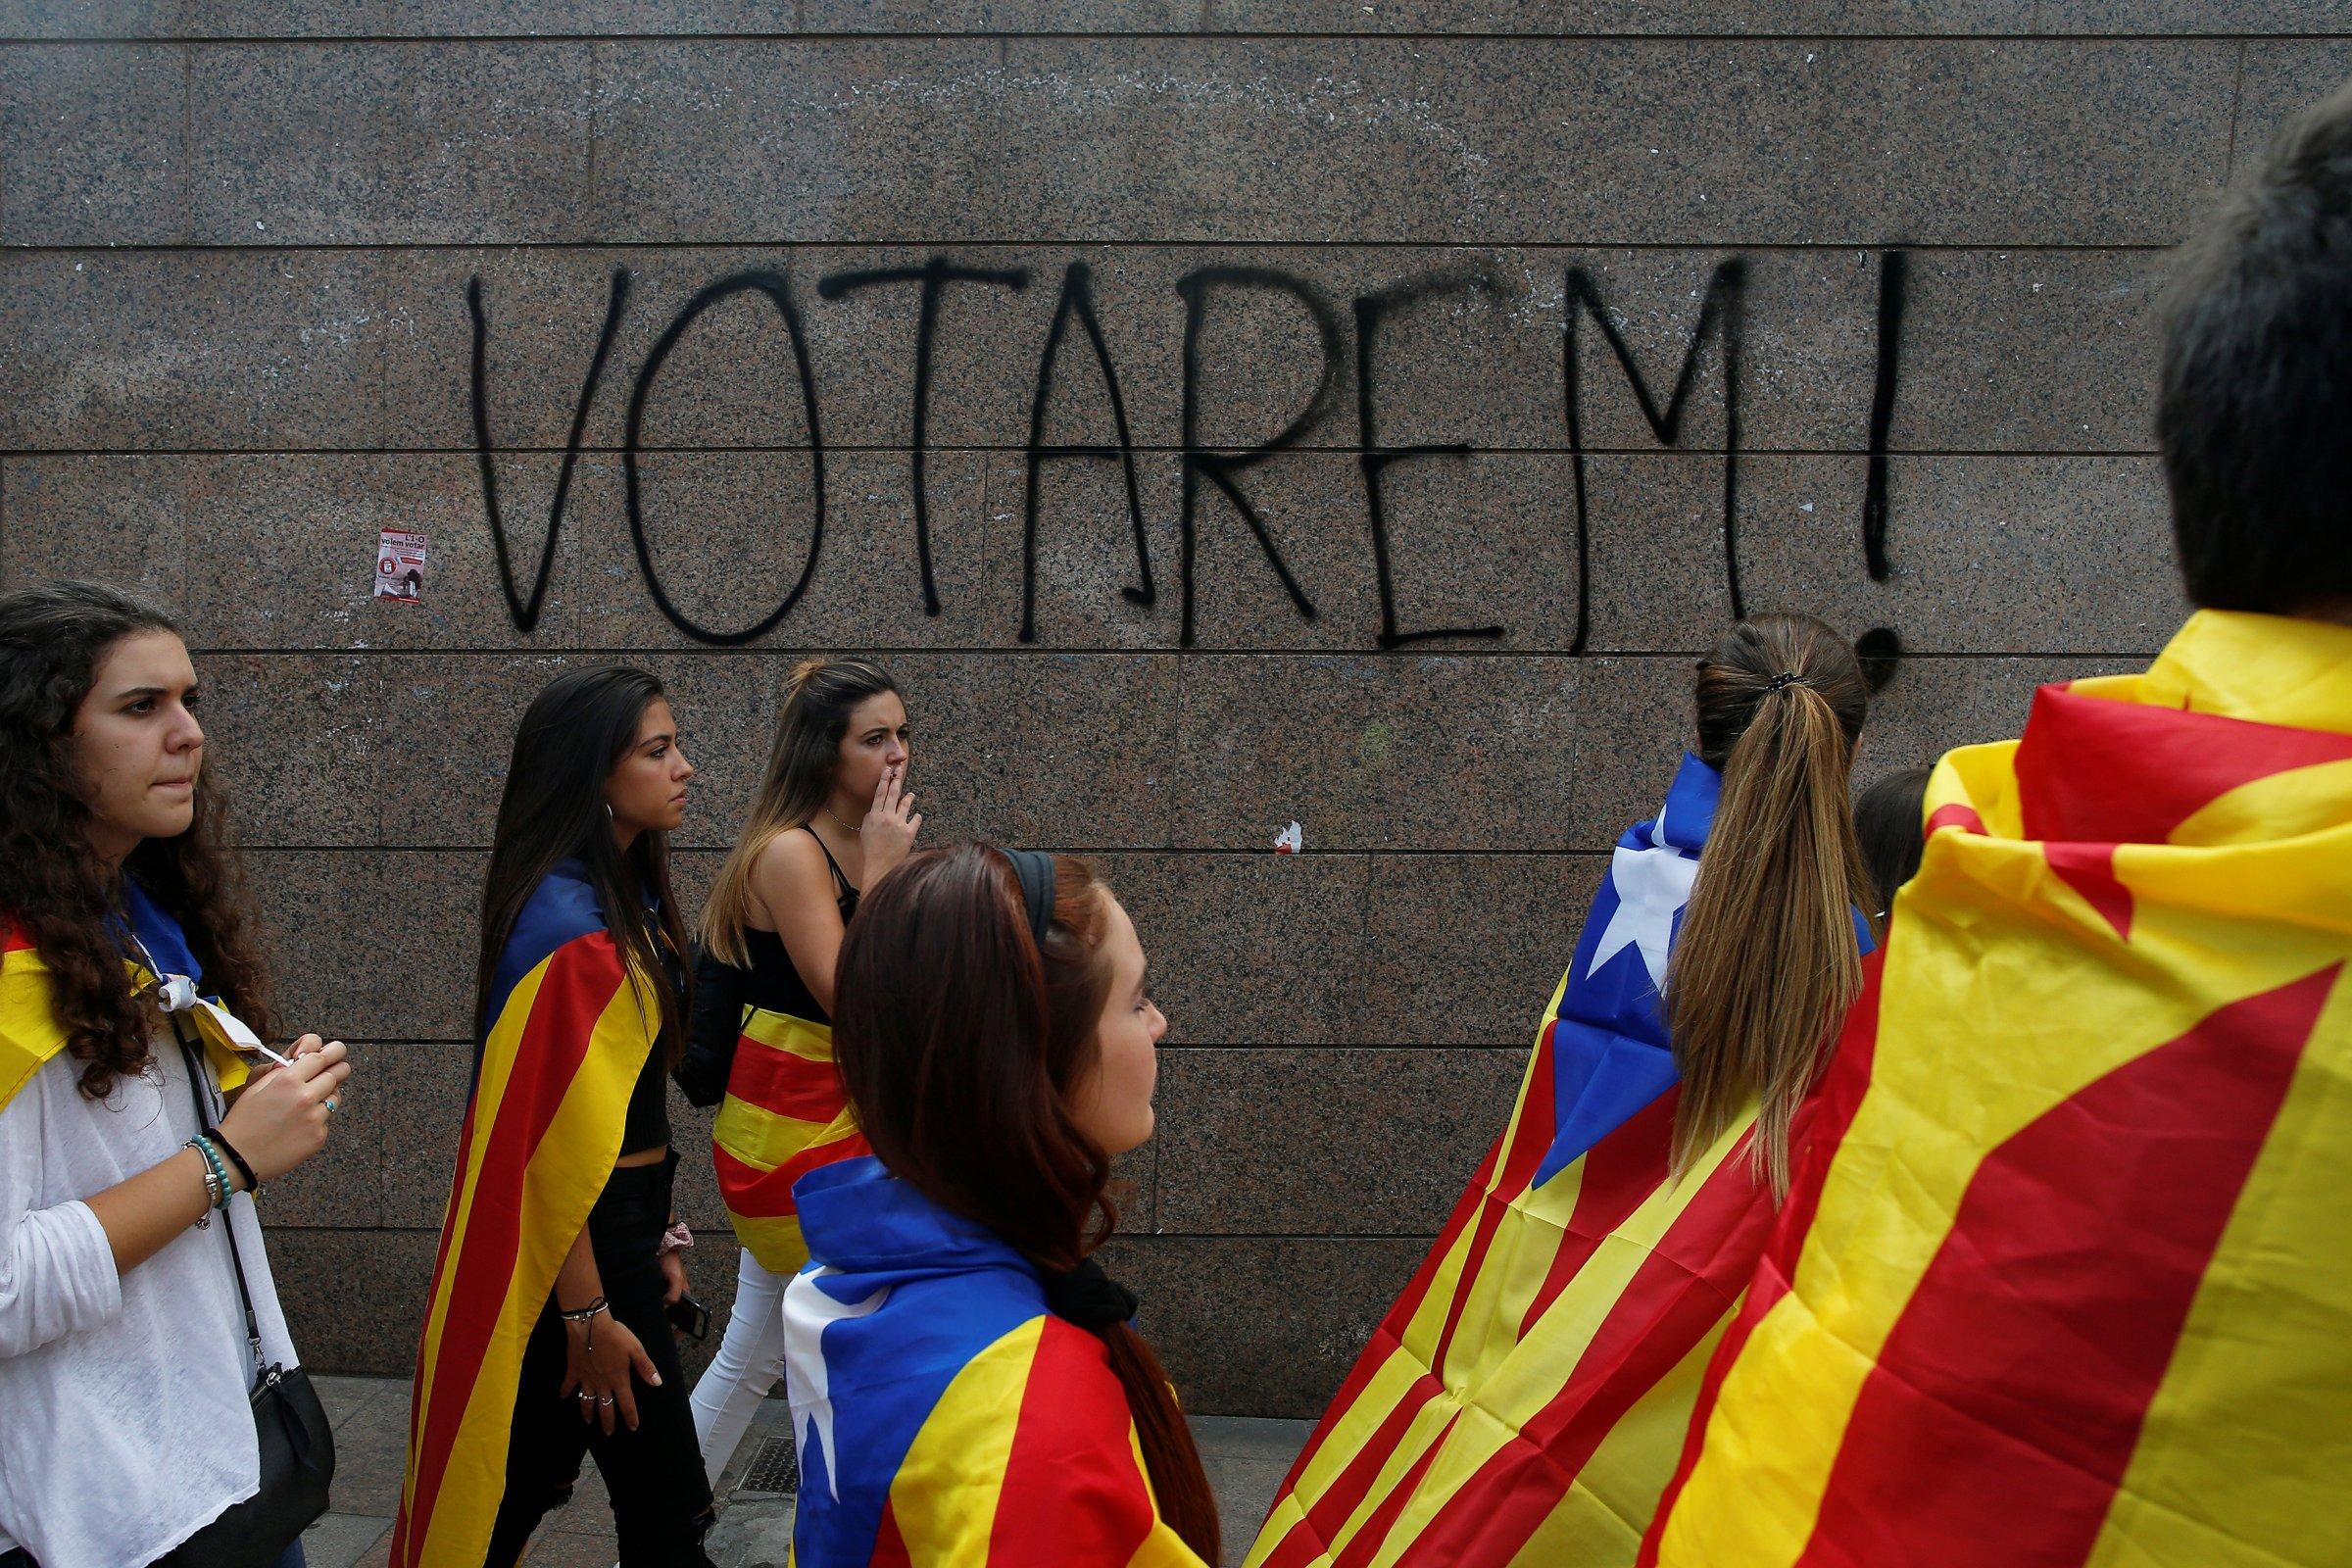 Голосуем! Лозунг сторонников референдума